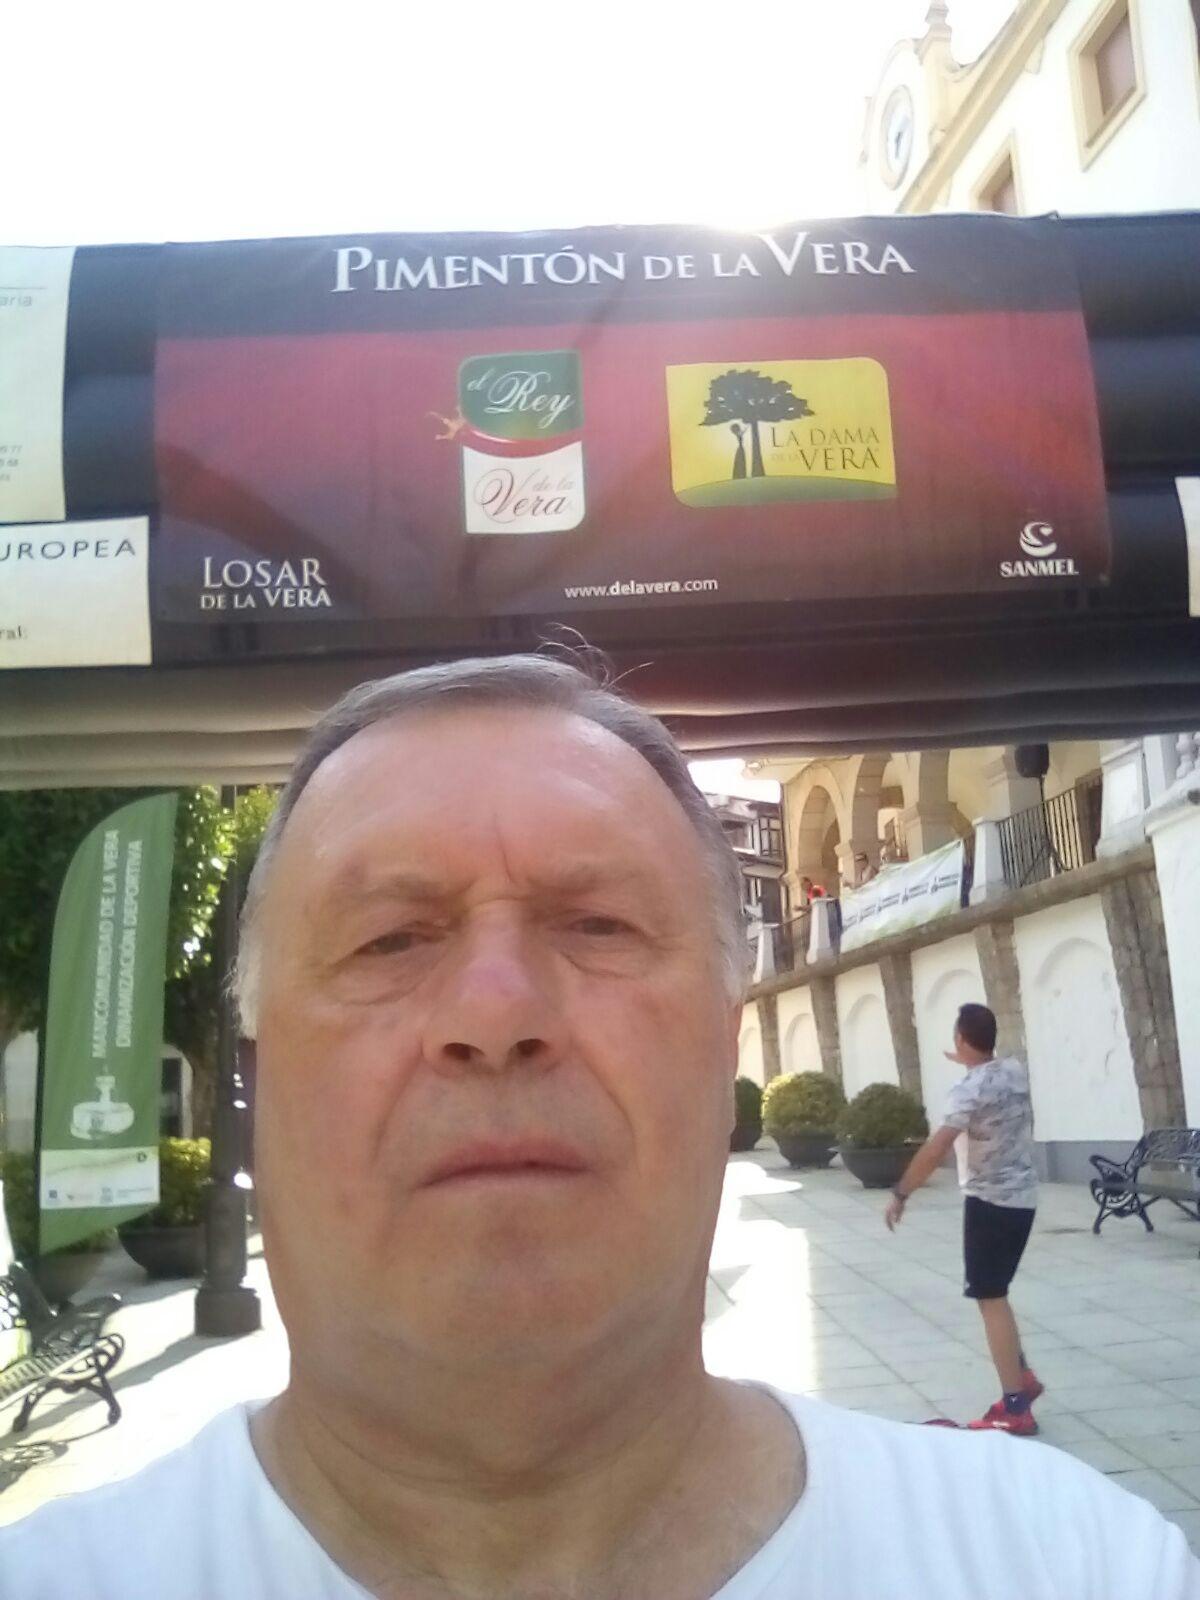 Otro doblete de Pedro Artajo esta vez en  Jaraíz de la Vera y Losar de la Vera en Extremadura